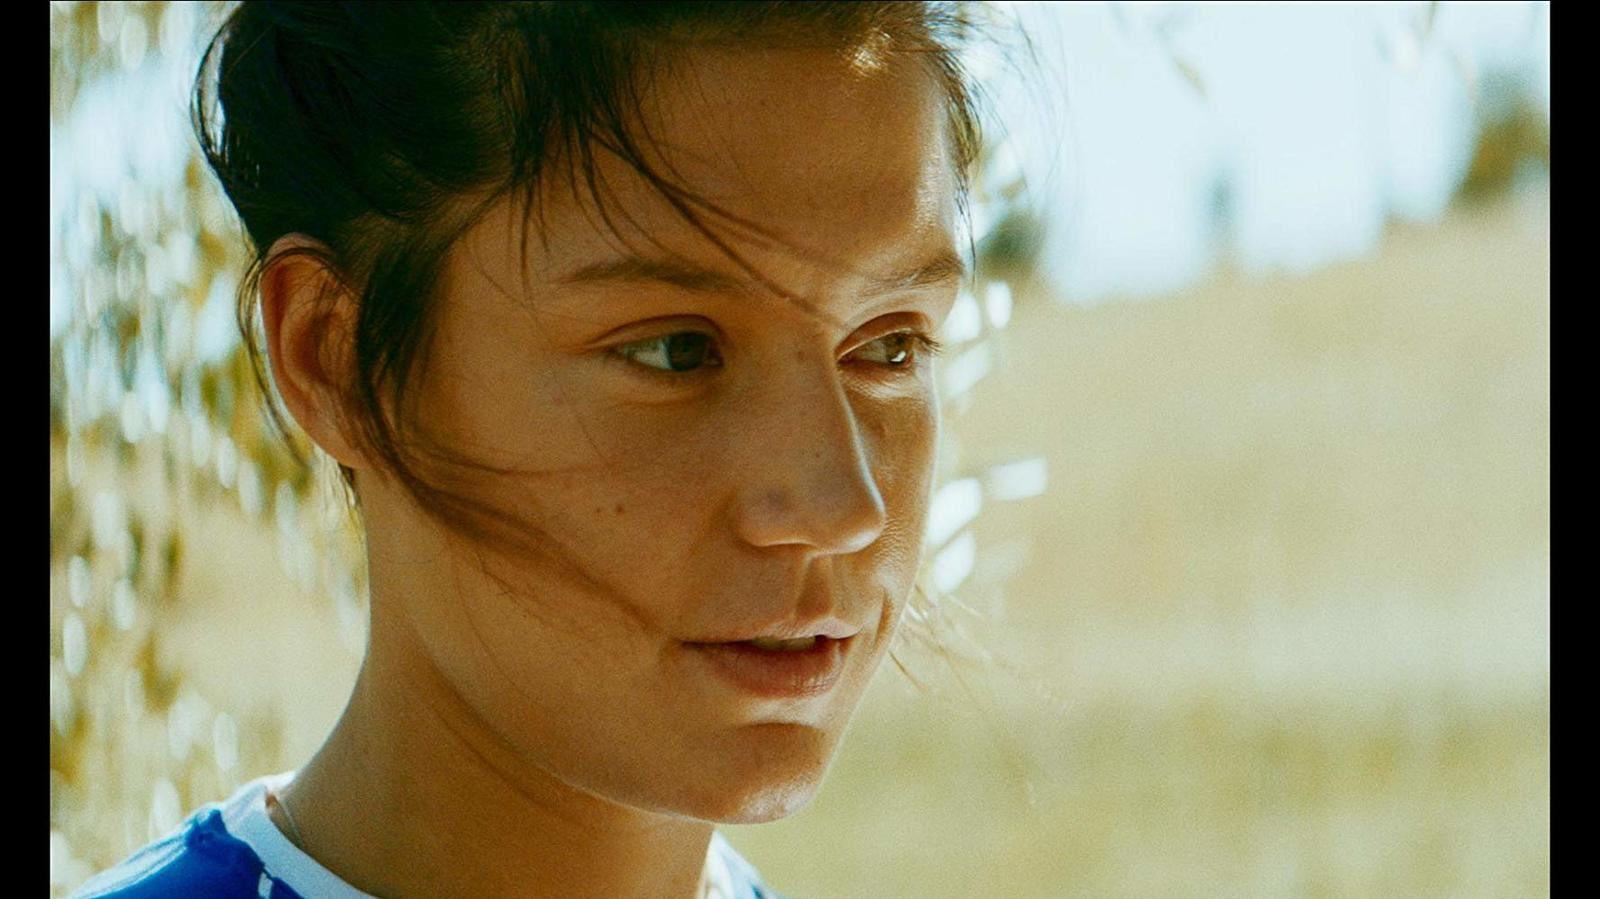 Revenir (BANDE-ANNONCE) avec Niels Schneider, Adèle Exarchopoulos - Le 29 janvier 2020 au cinéma